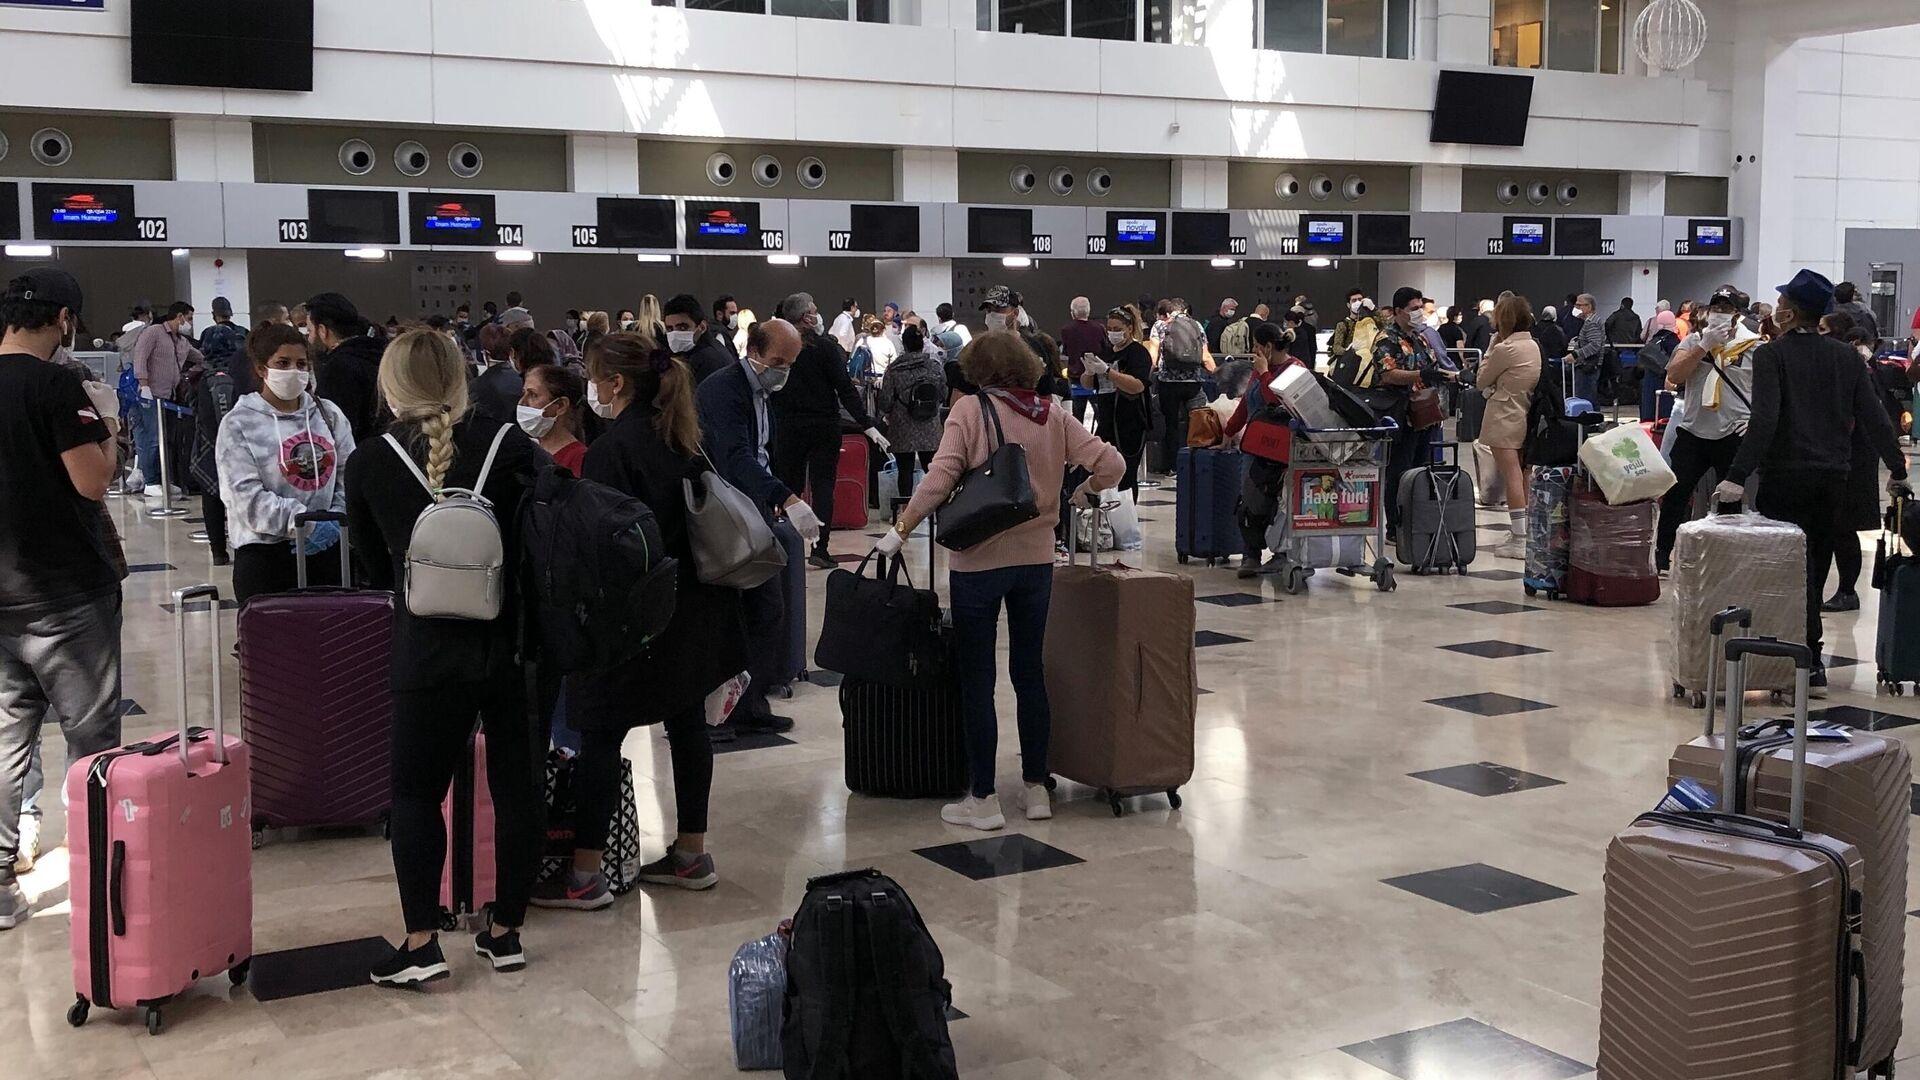 Российские туристы перед посадкой на рейс 2142 Анталья – Москва в аэропорту Анталия - РИА Новости, 1920, 22.04.2021